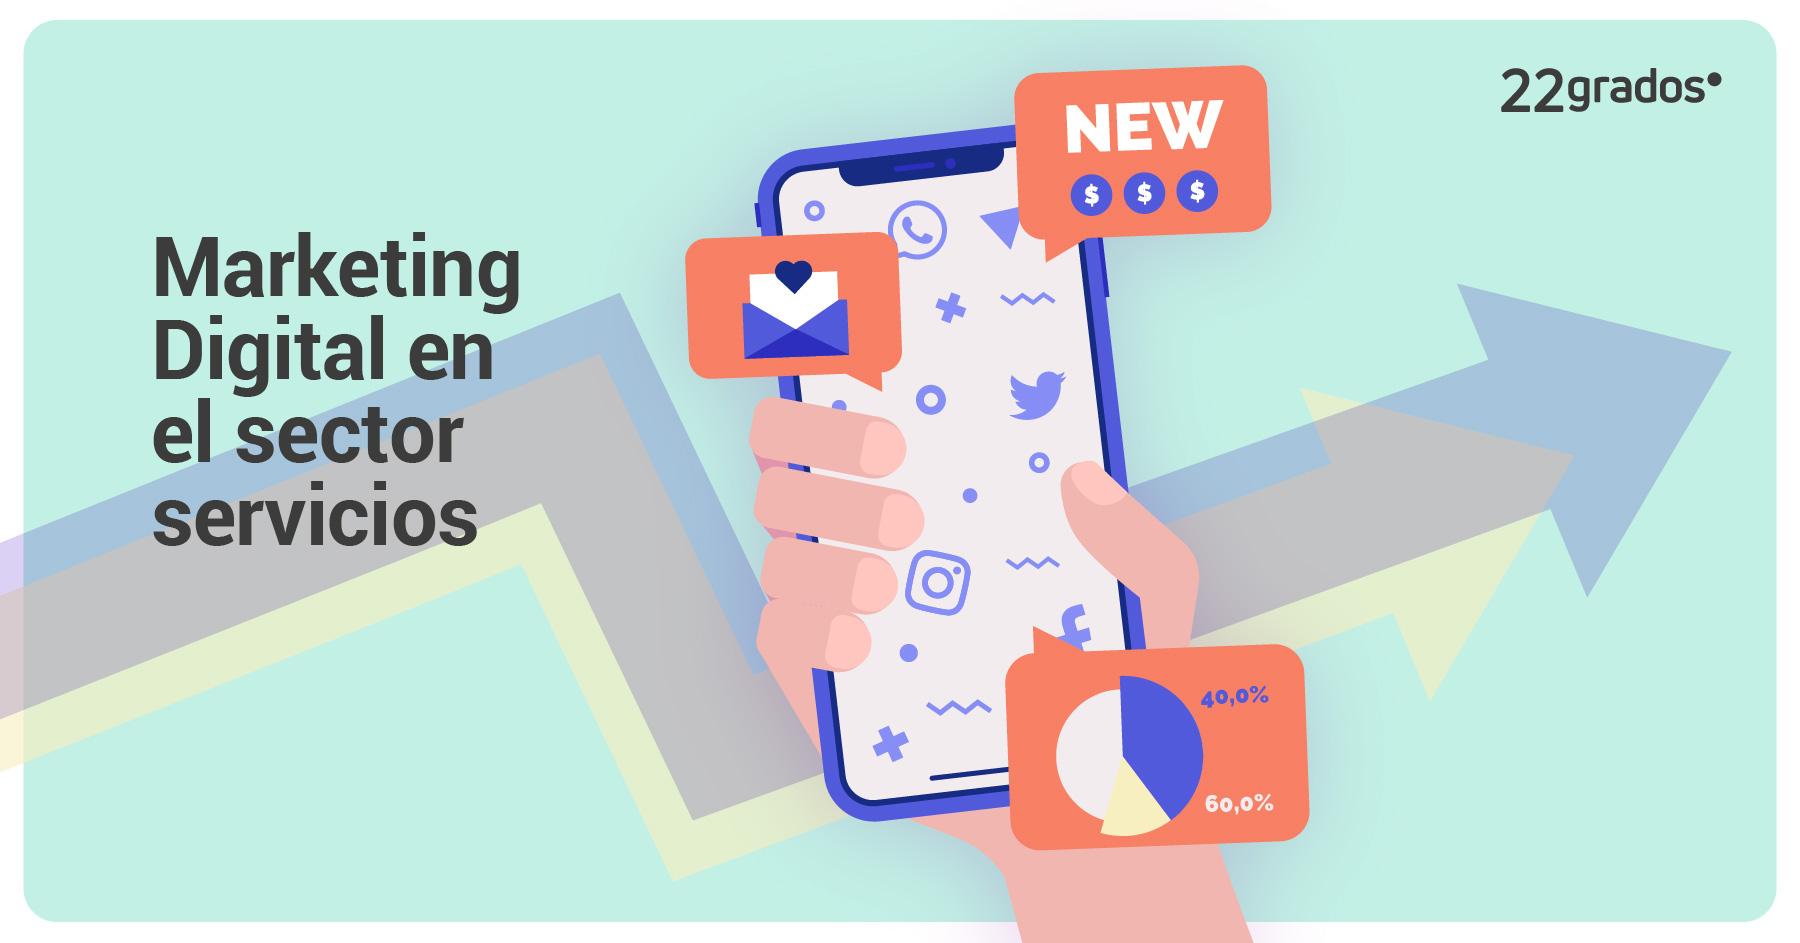 Marketing Digital en el sector servicios: nuestro propio caso